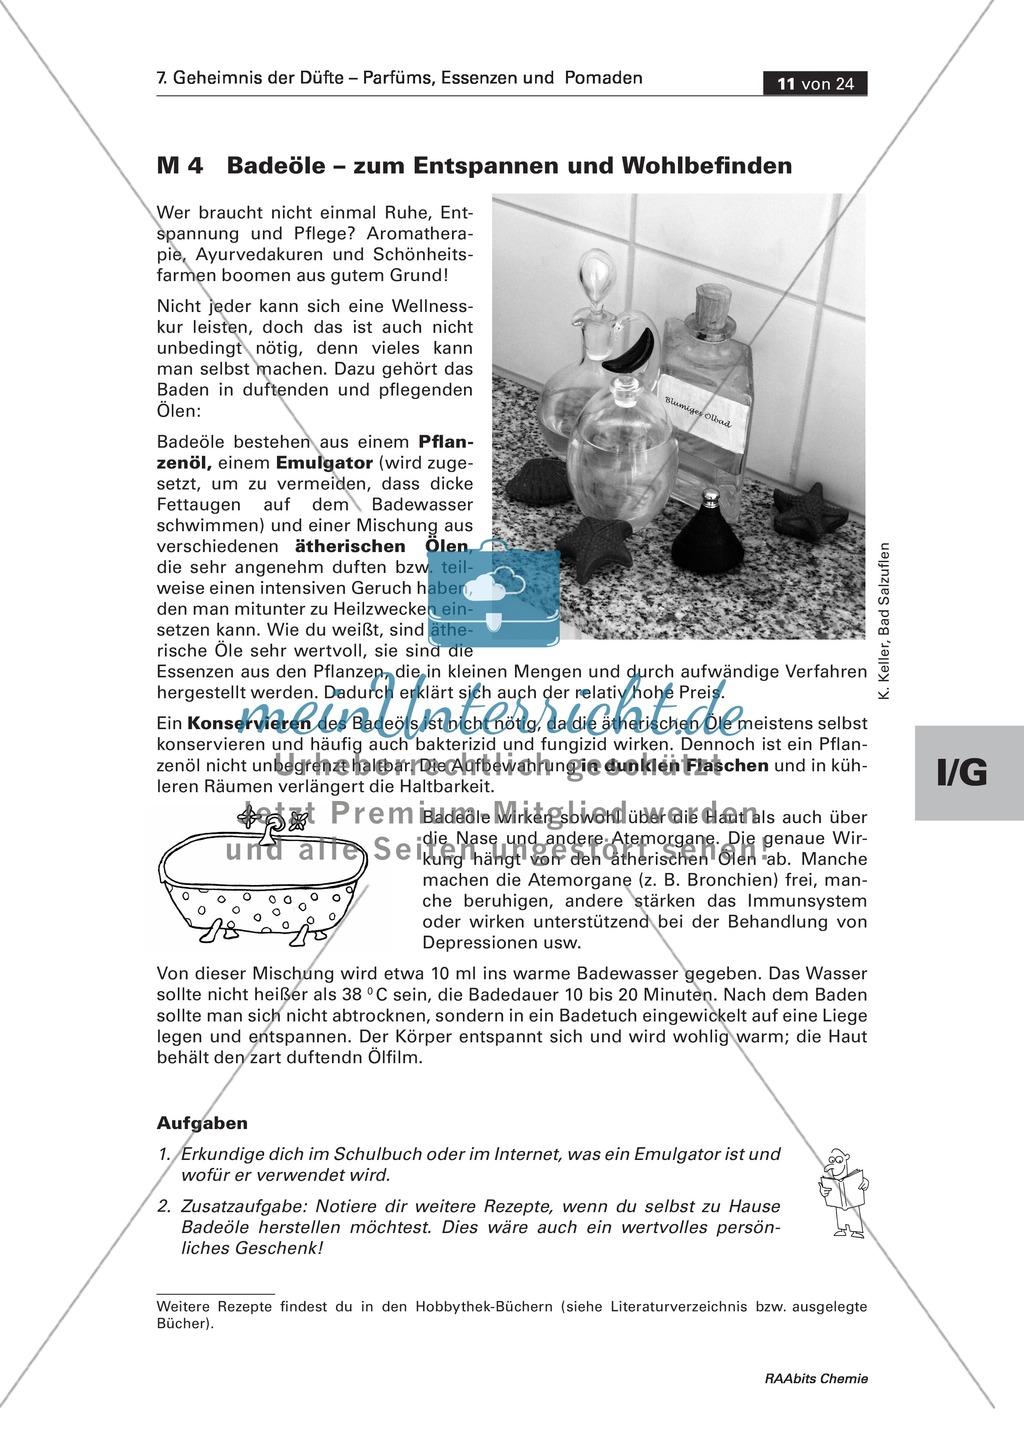 Herstellung verschiedener Badeöle aus ätherischen Ölen, Pflanzenfett und einem Emulgator Preview 0